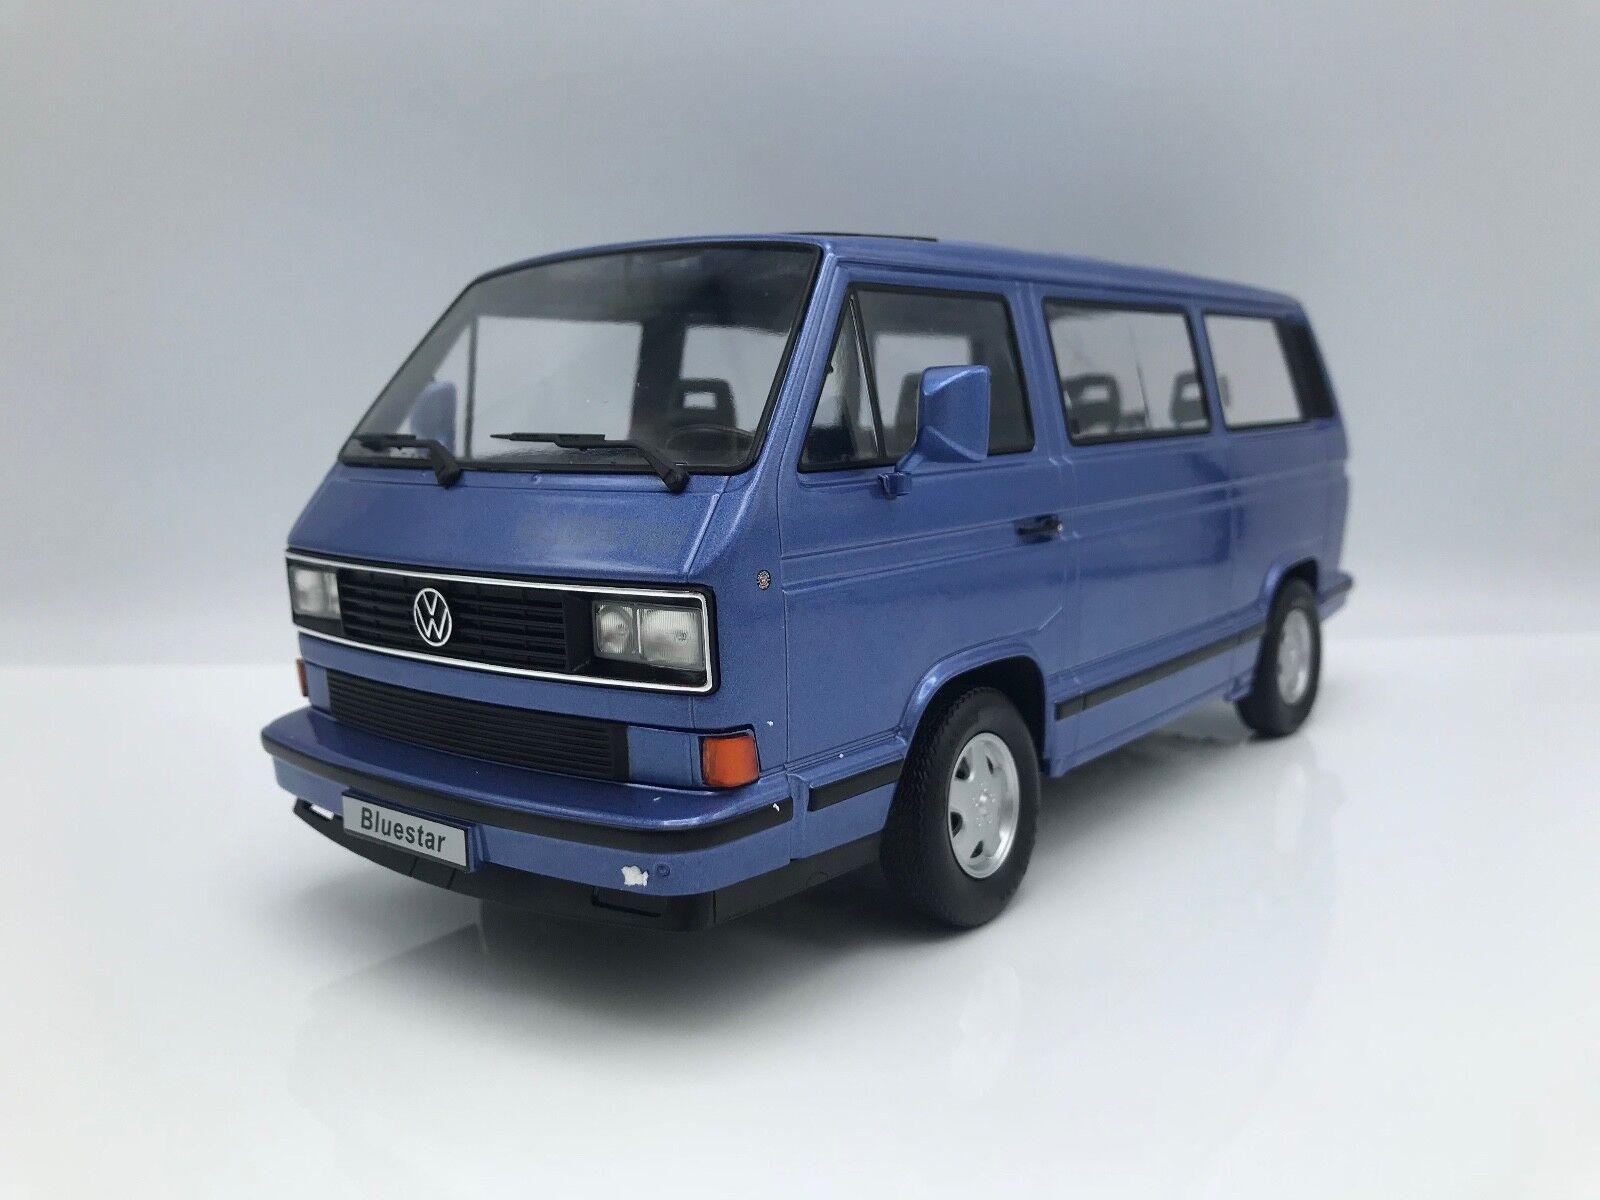 VW Bus t3 Multivan bulli blu Star 1993-metallico-BLU - 1 18 KK-scale    nuovo